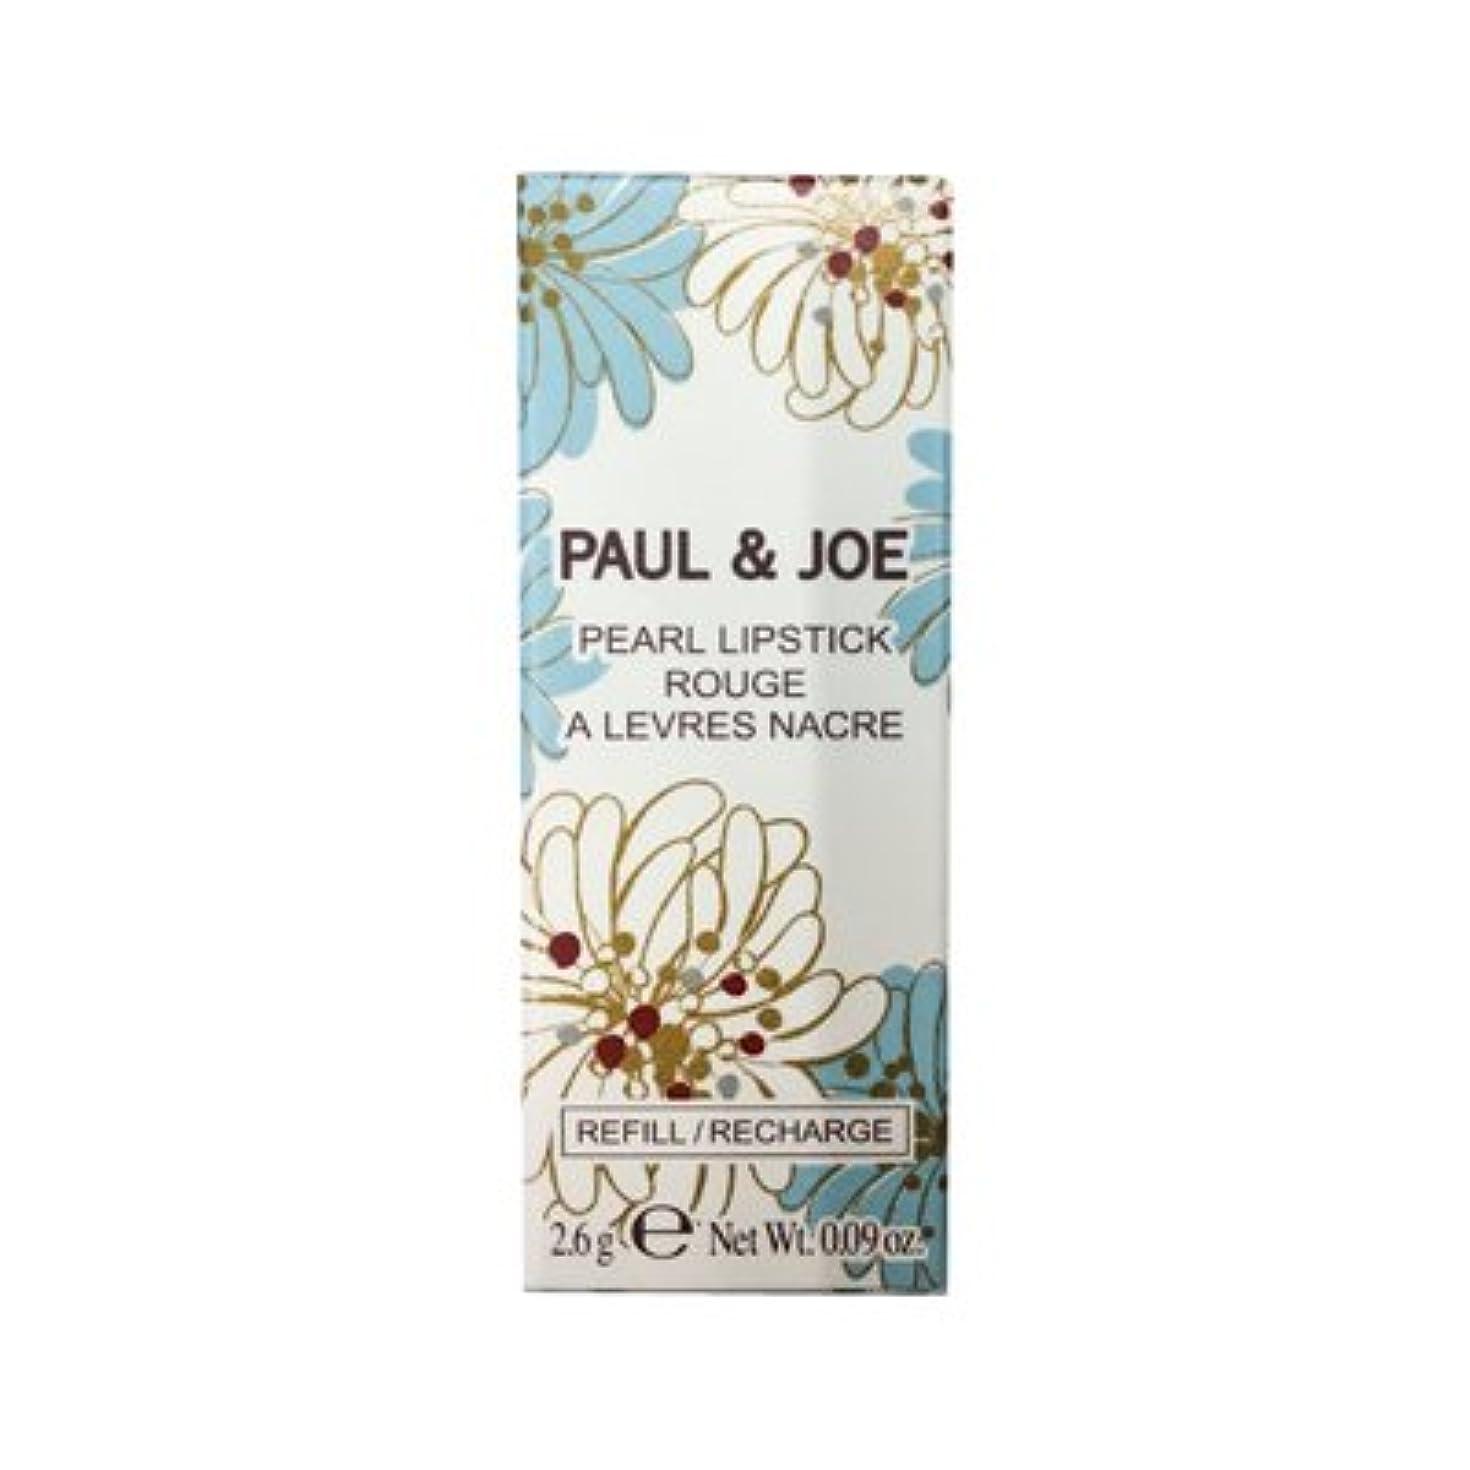 ホーン廃棄するアコーポール & ジョー/PAUL & JOE リップスティックスクレドール(レフィル) #402 [並行輸入品]